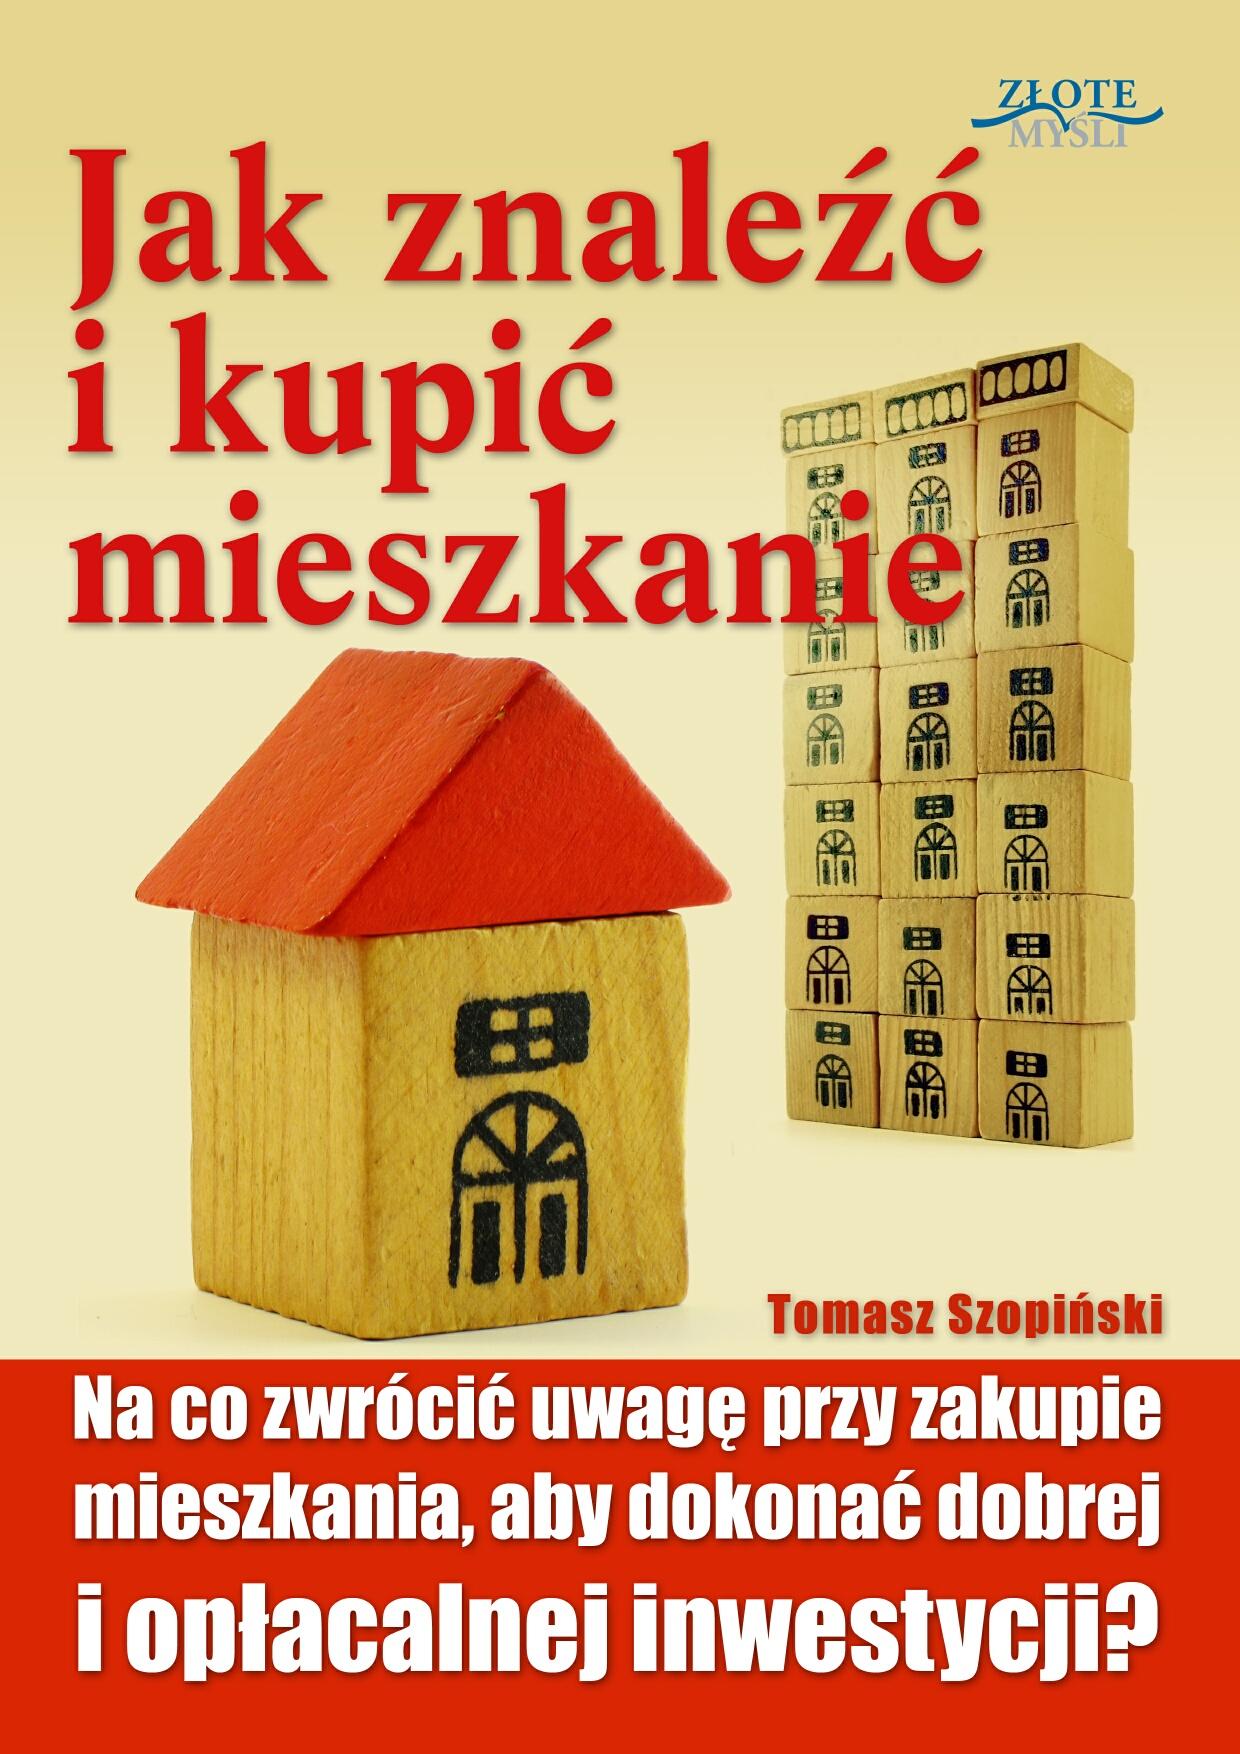 tomasz szopiński: Jak znaleźć i kupić mieszkanie - okładka